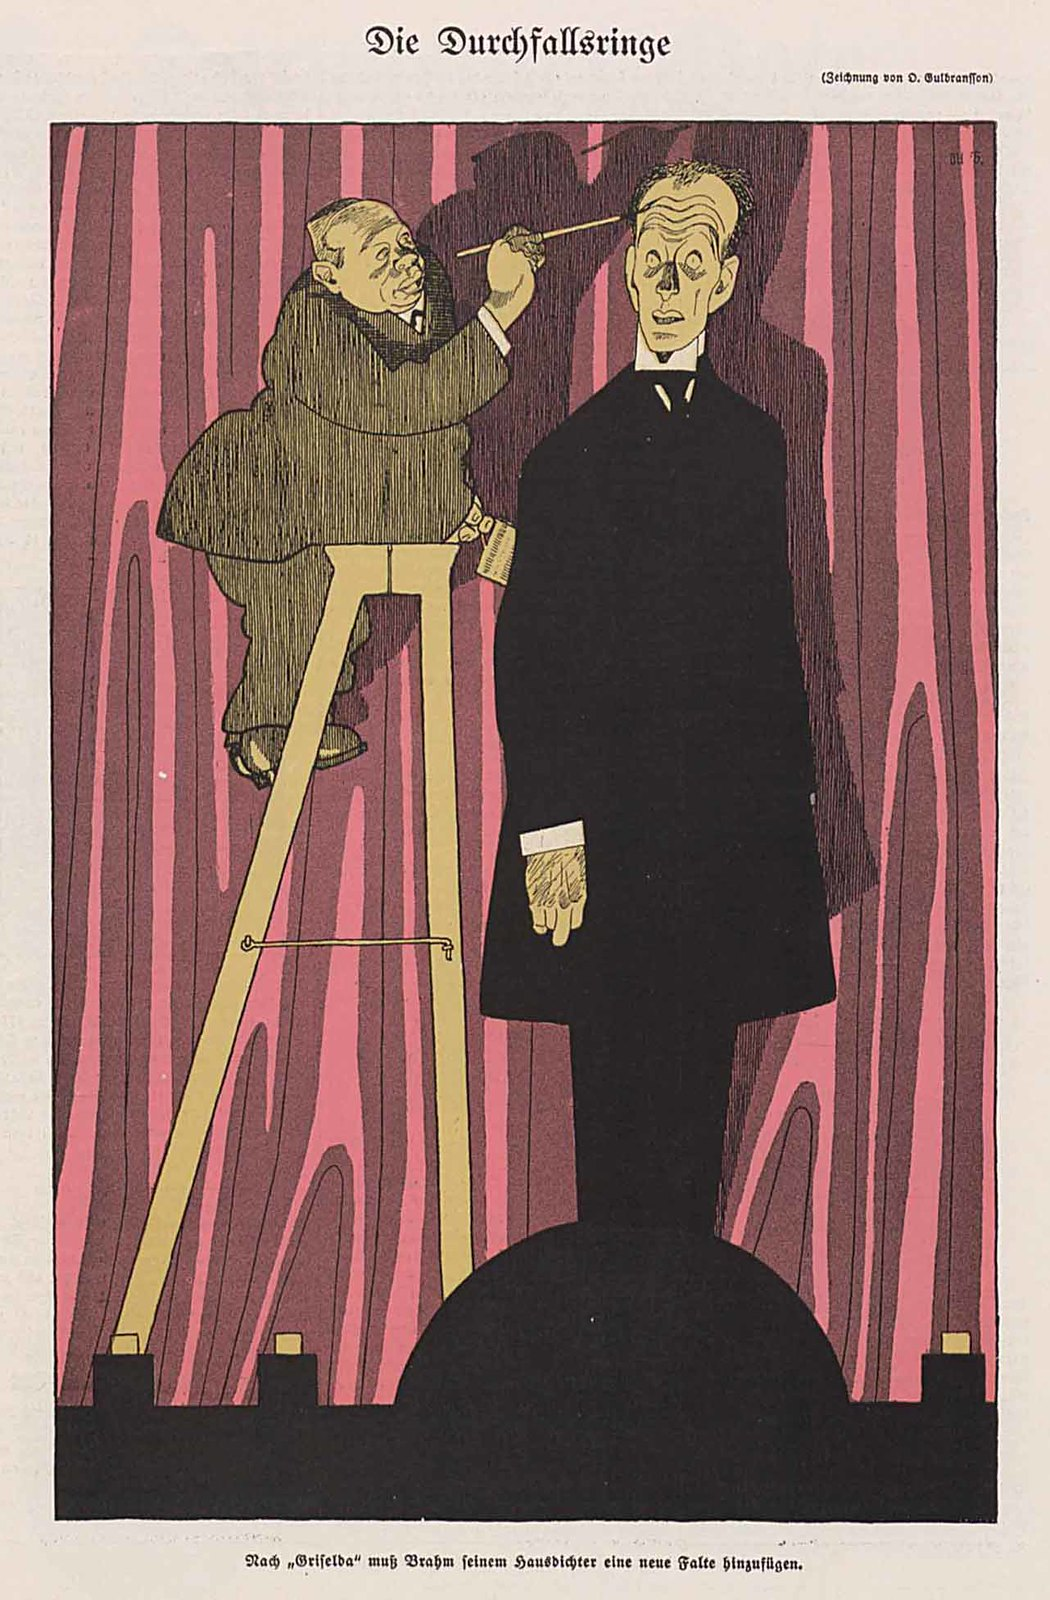 Olaf Gulbransson - Die Durchfallsringe, 1909